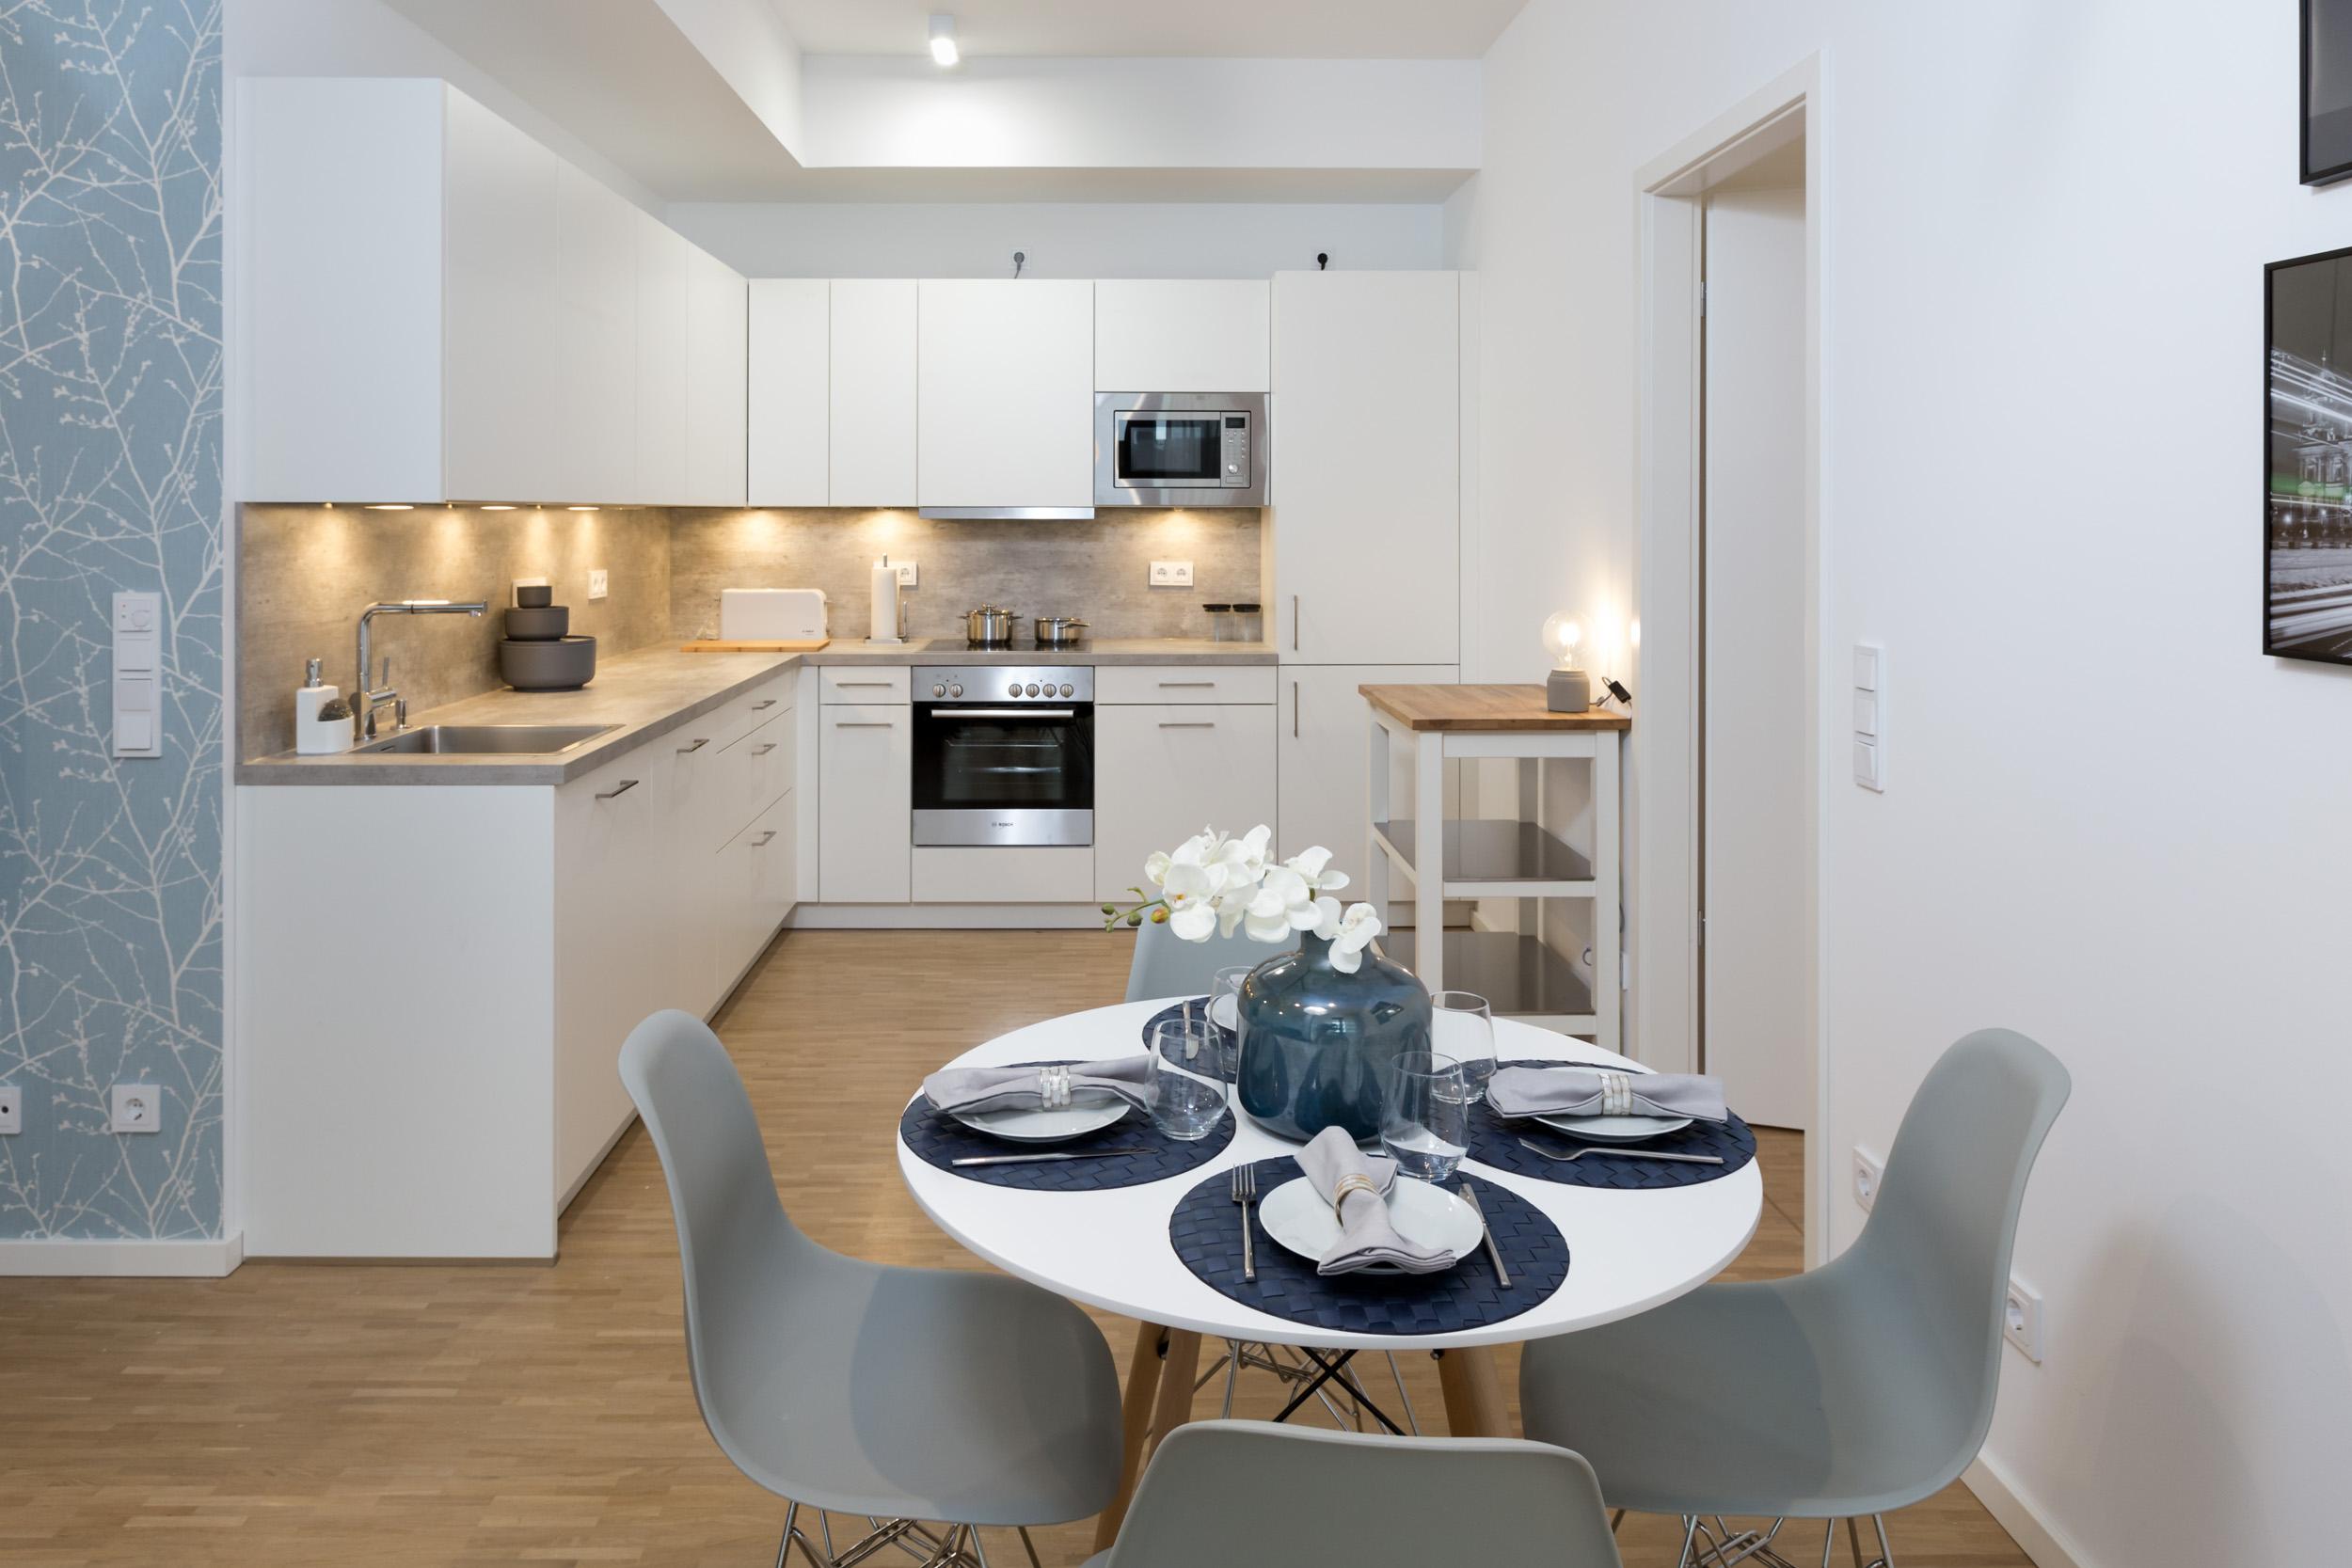 re-vamp+möbliertes+Mikropapartment+WE+217+Küche_Wohnzimmer.jpg